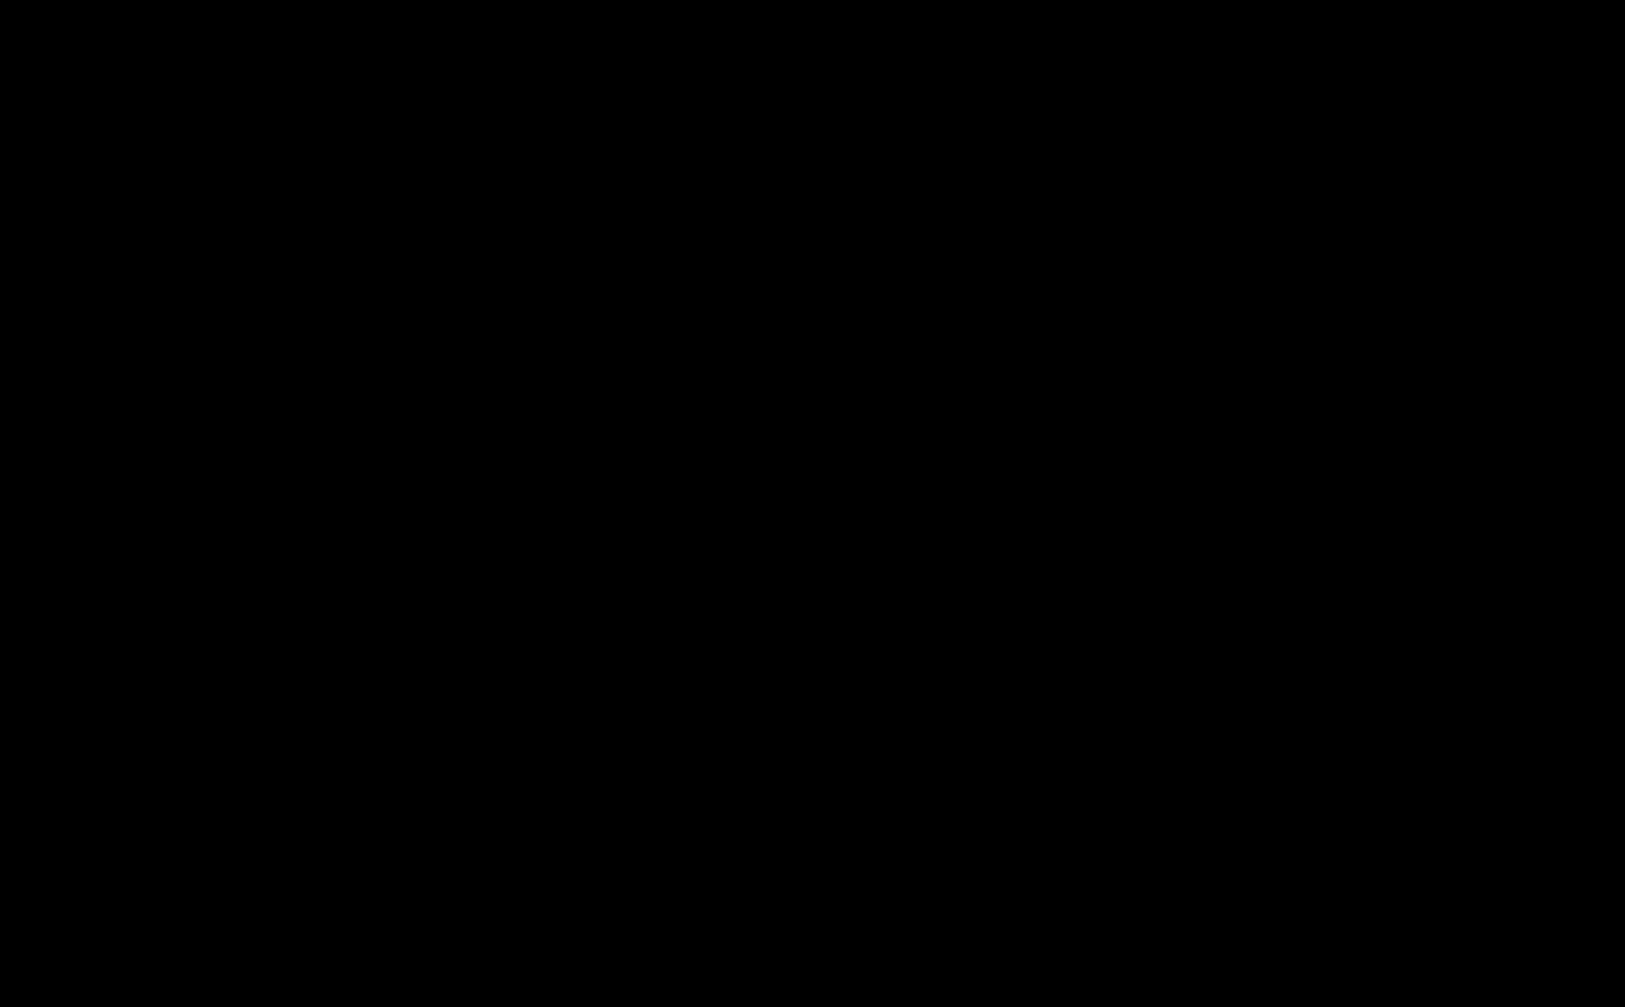 TFP-dPEG®₄-biotinidase resistant biotin